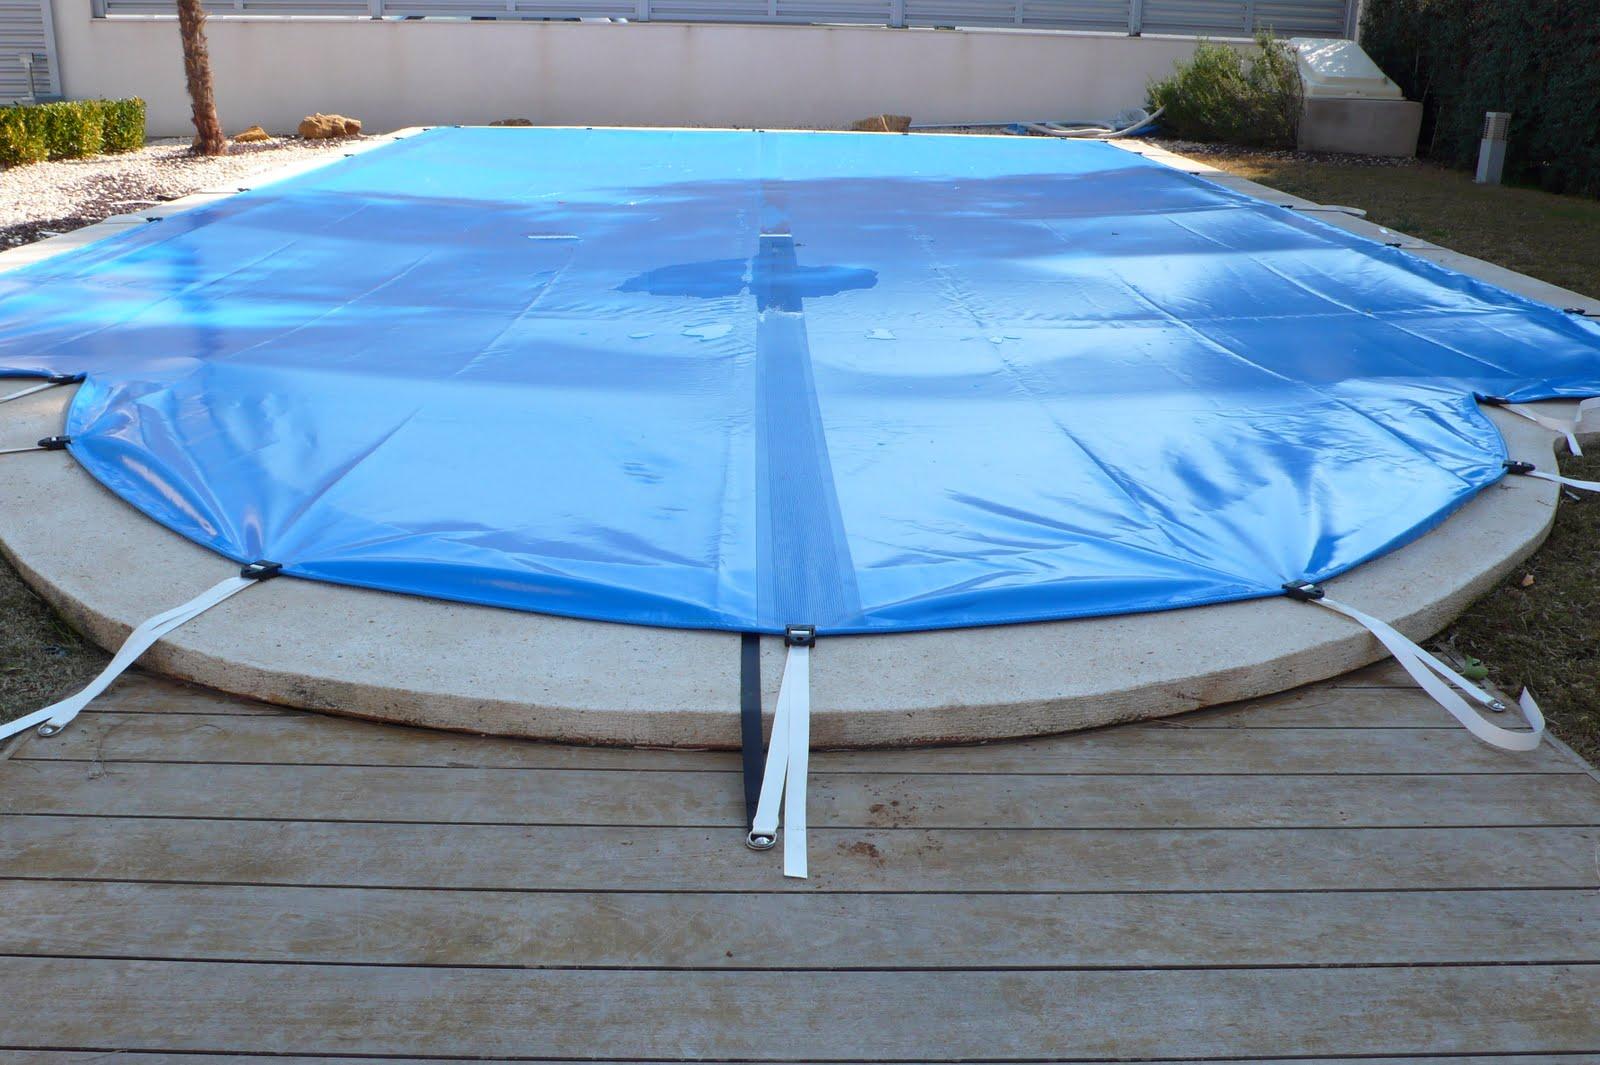 Todo para mi piscina tout pour ma piscine la piscina en for Barredera piscina